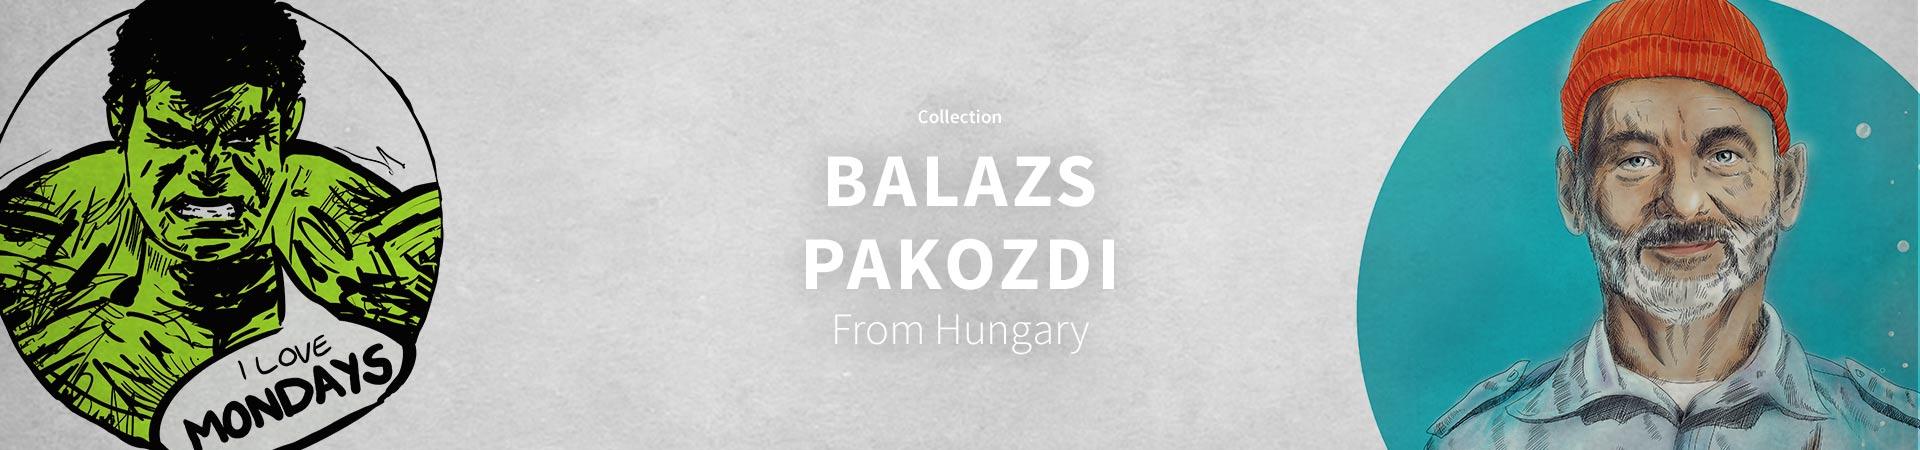 Balazs Pakozdi